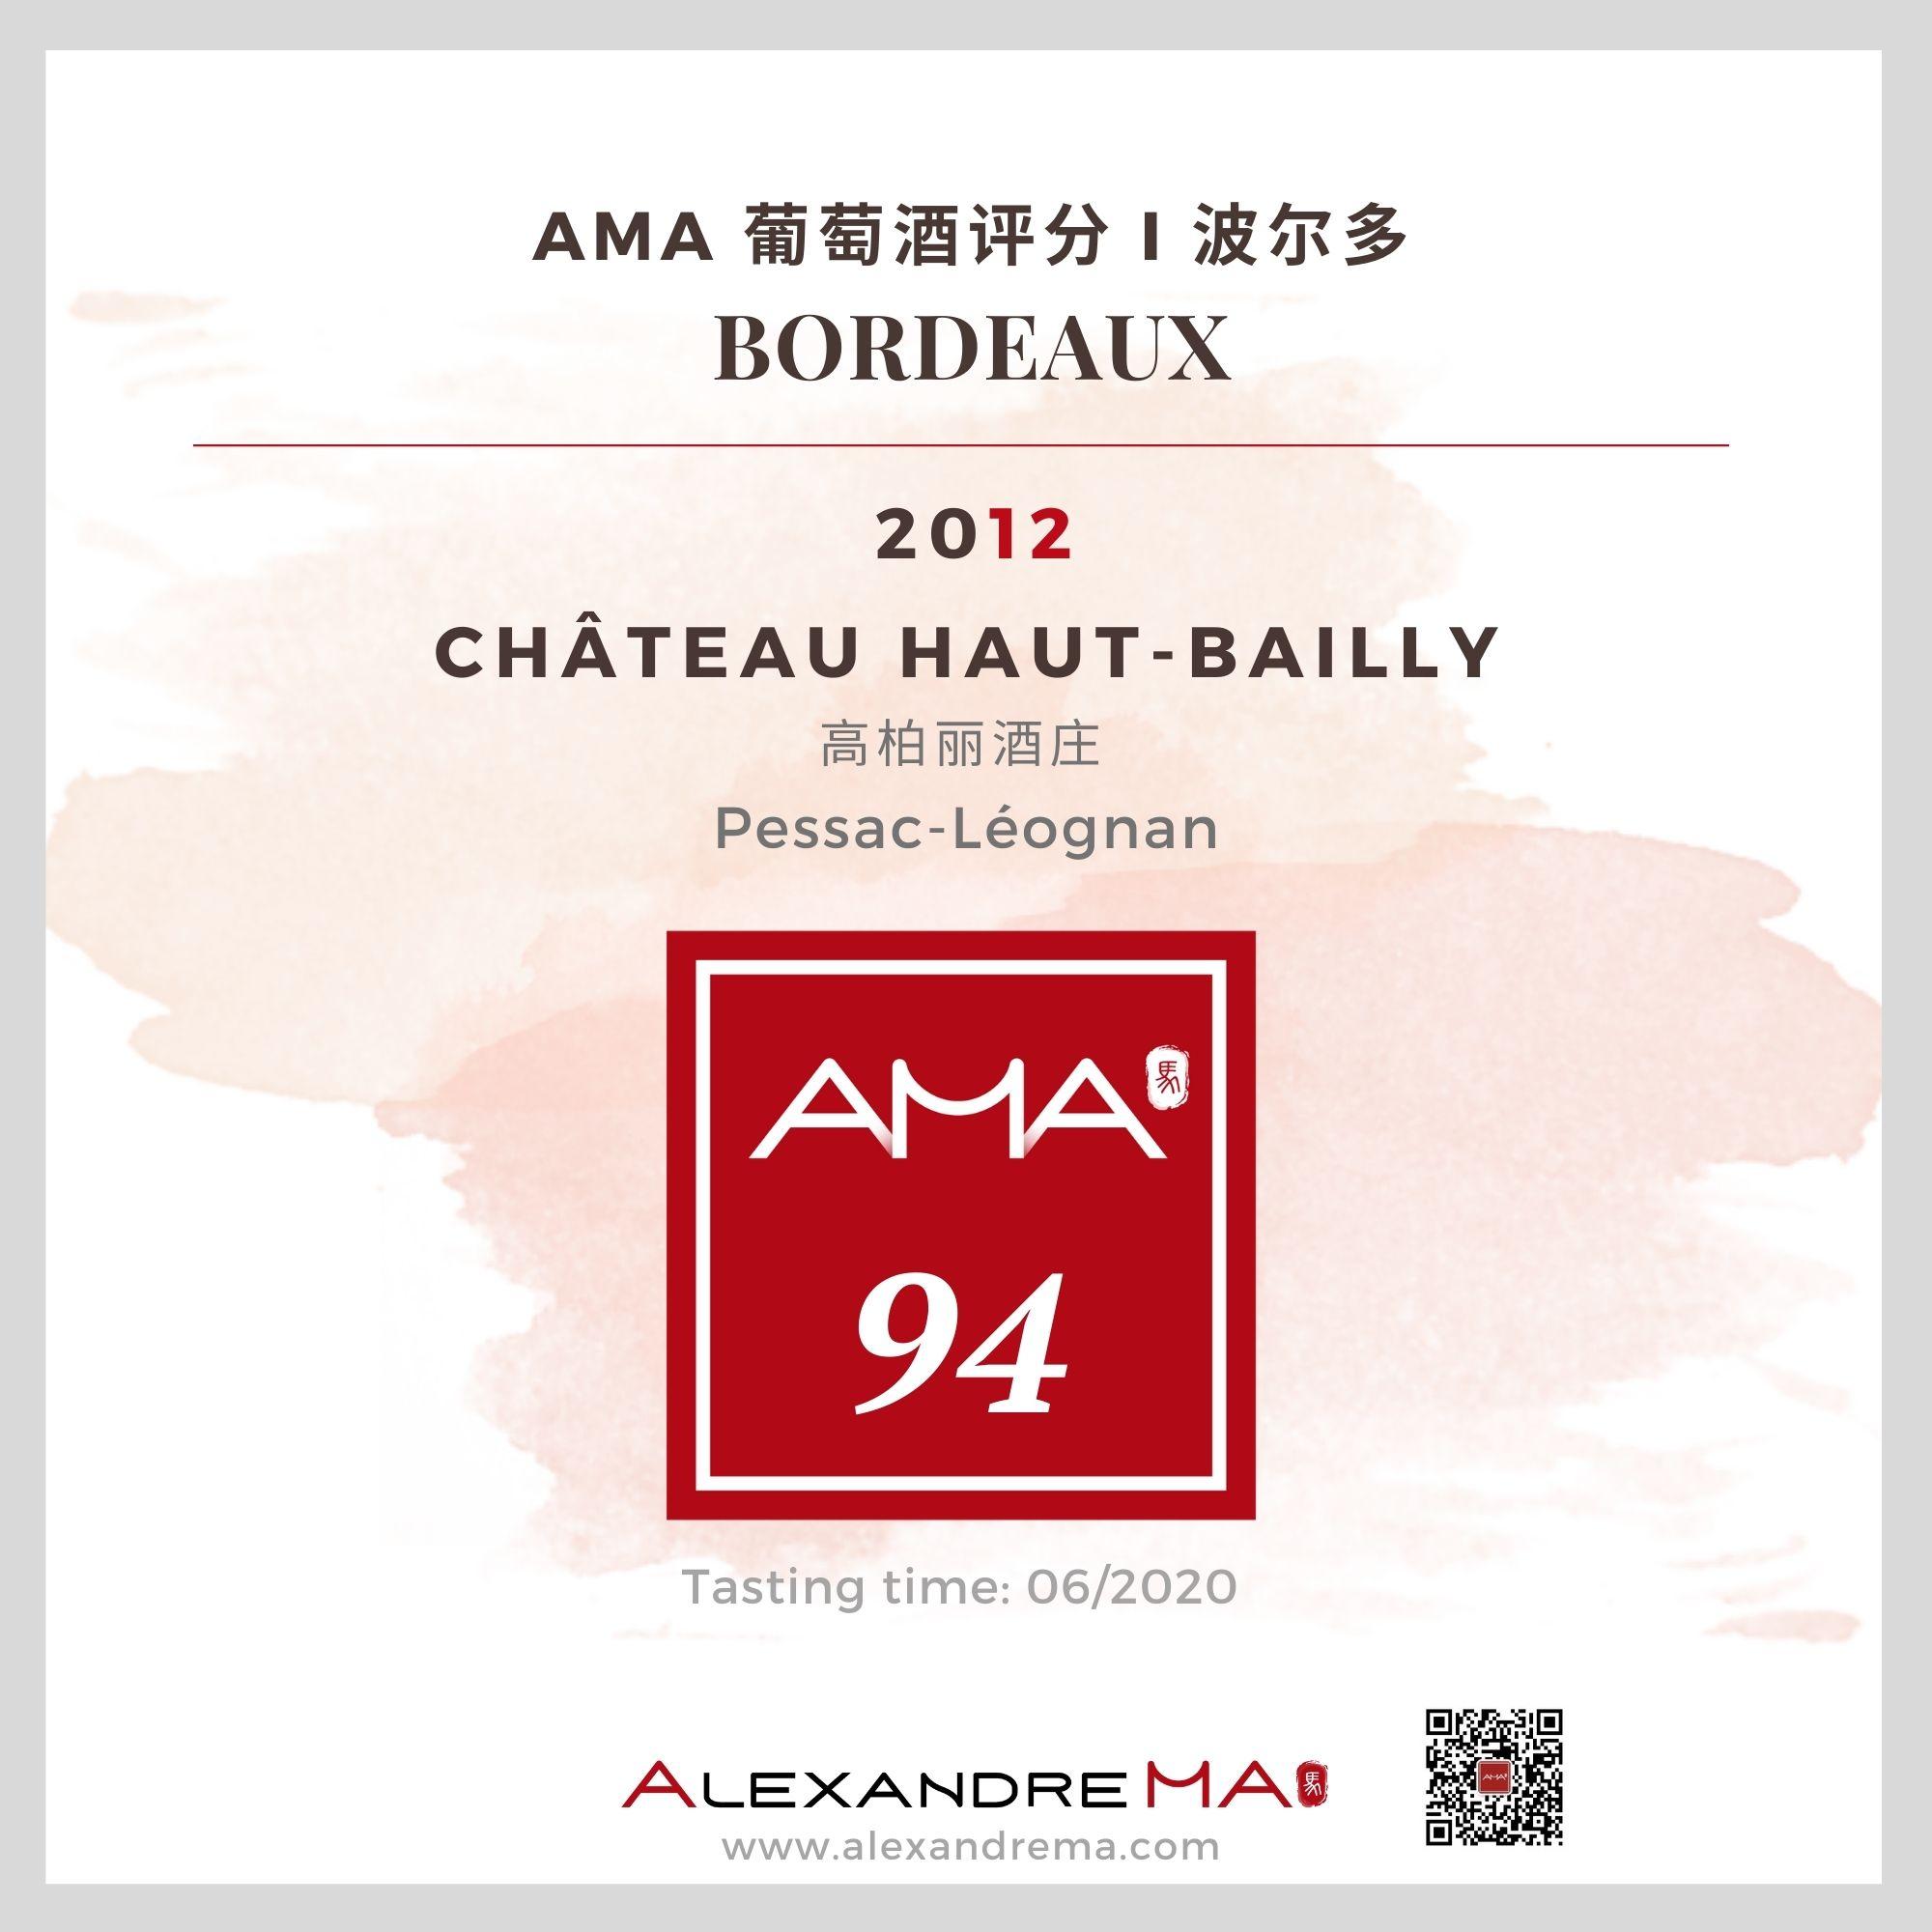 Château Haut-Bailly 2012 高柏丽酒庄 - Alexandre Ma